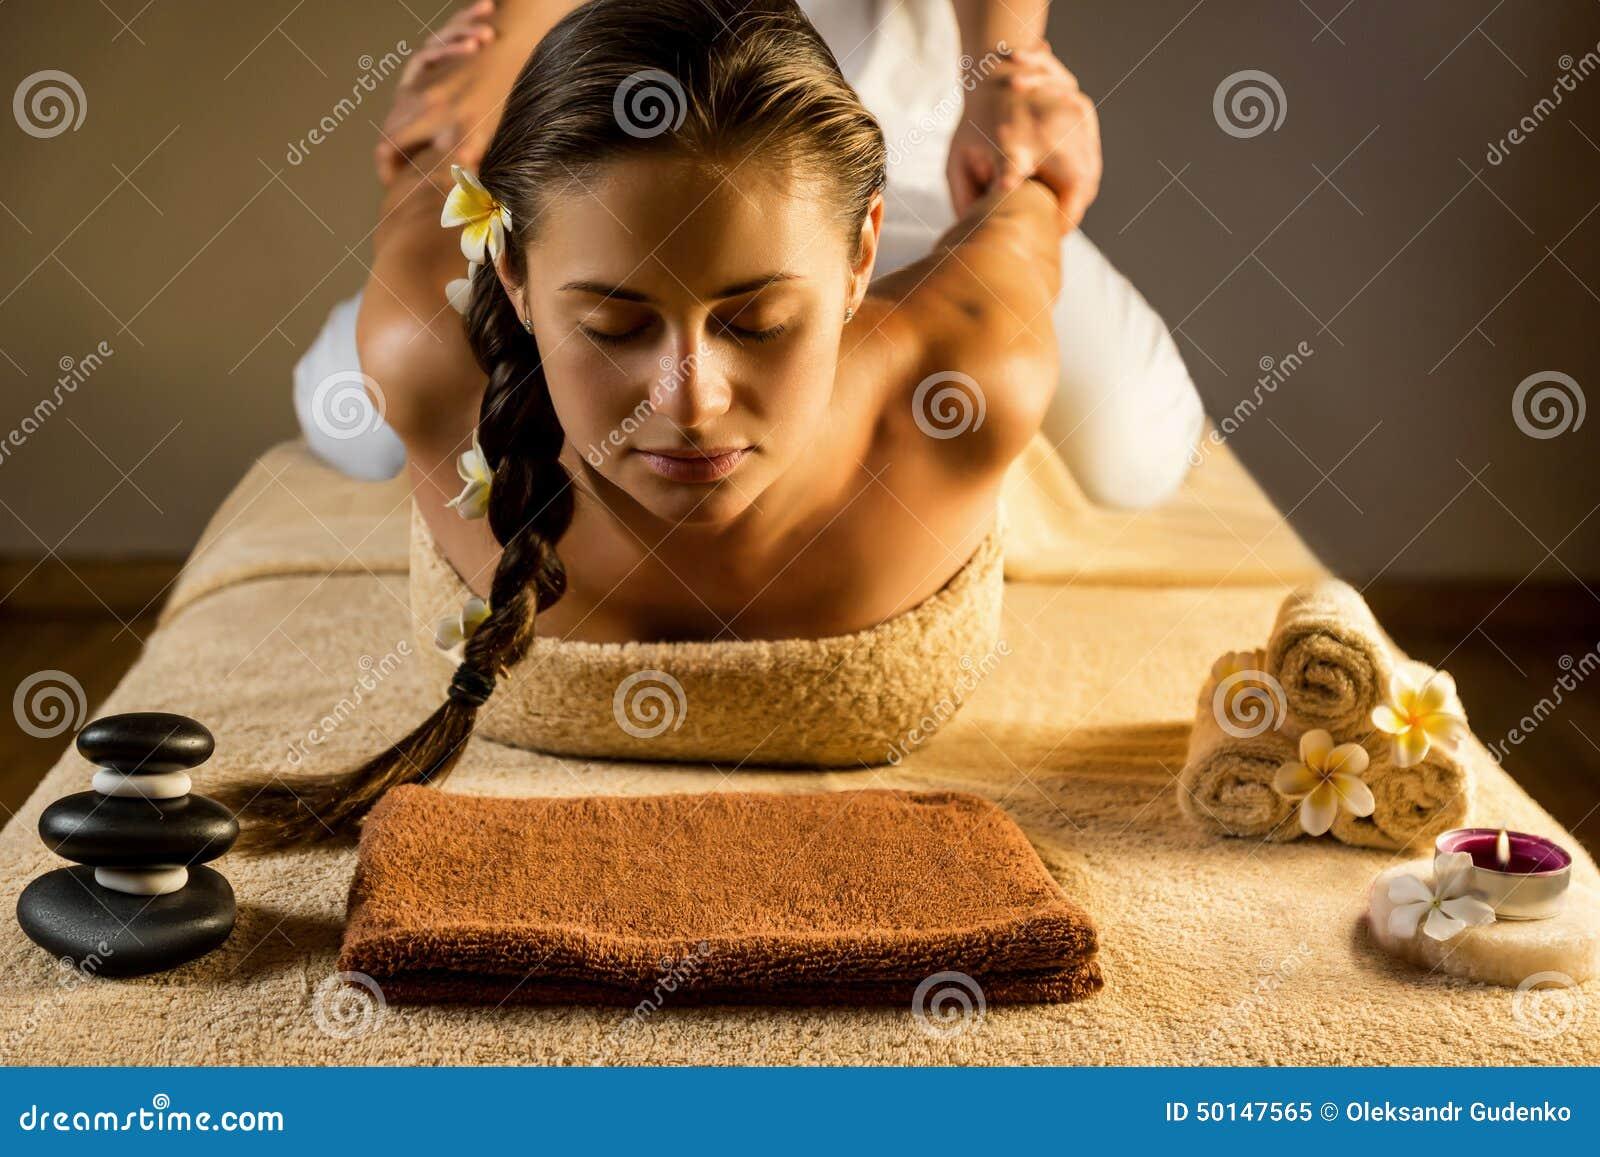 Antistress massage